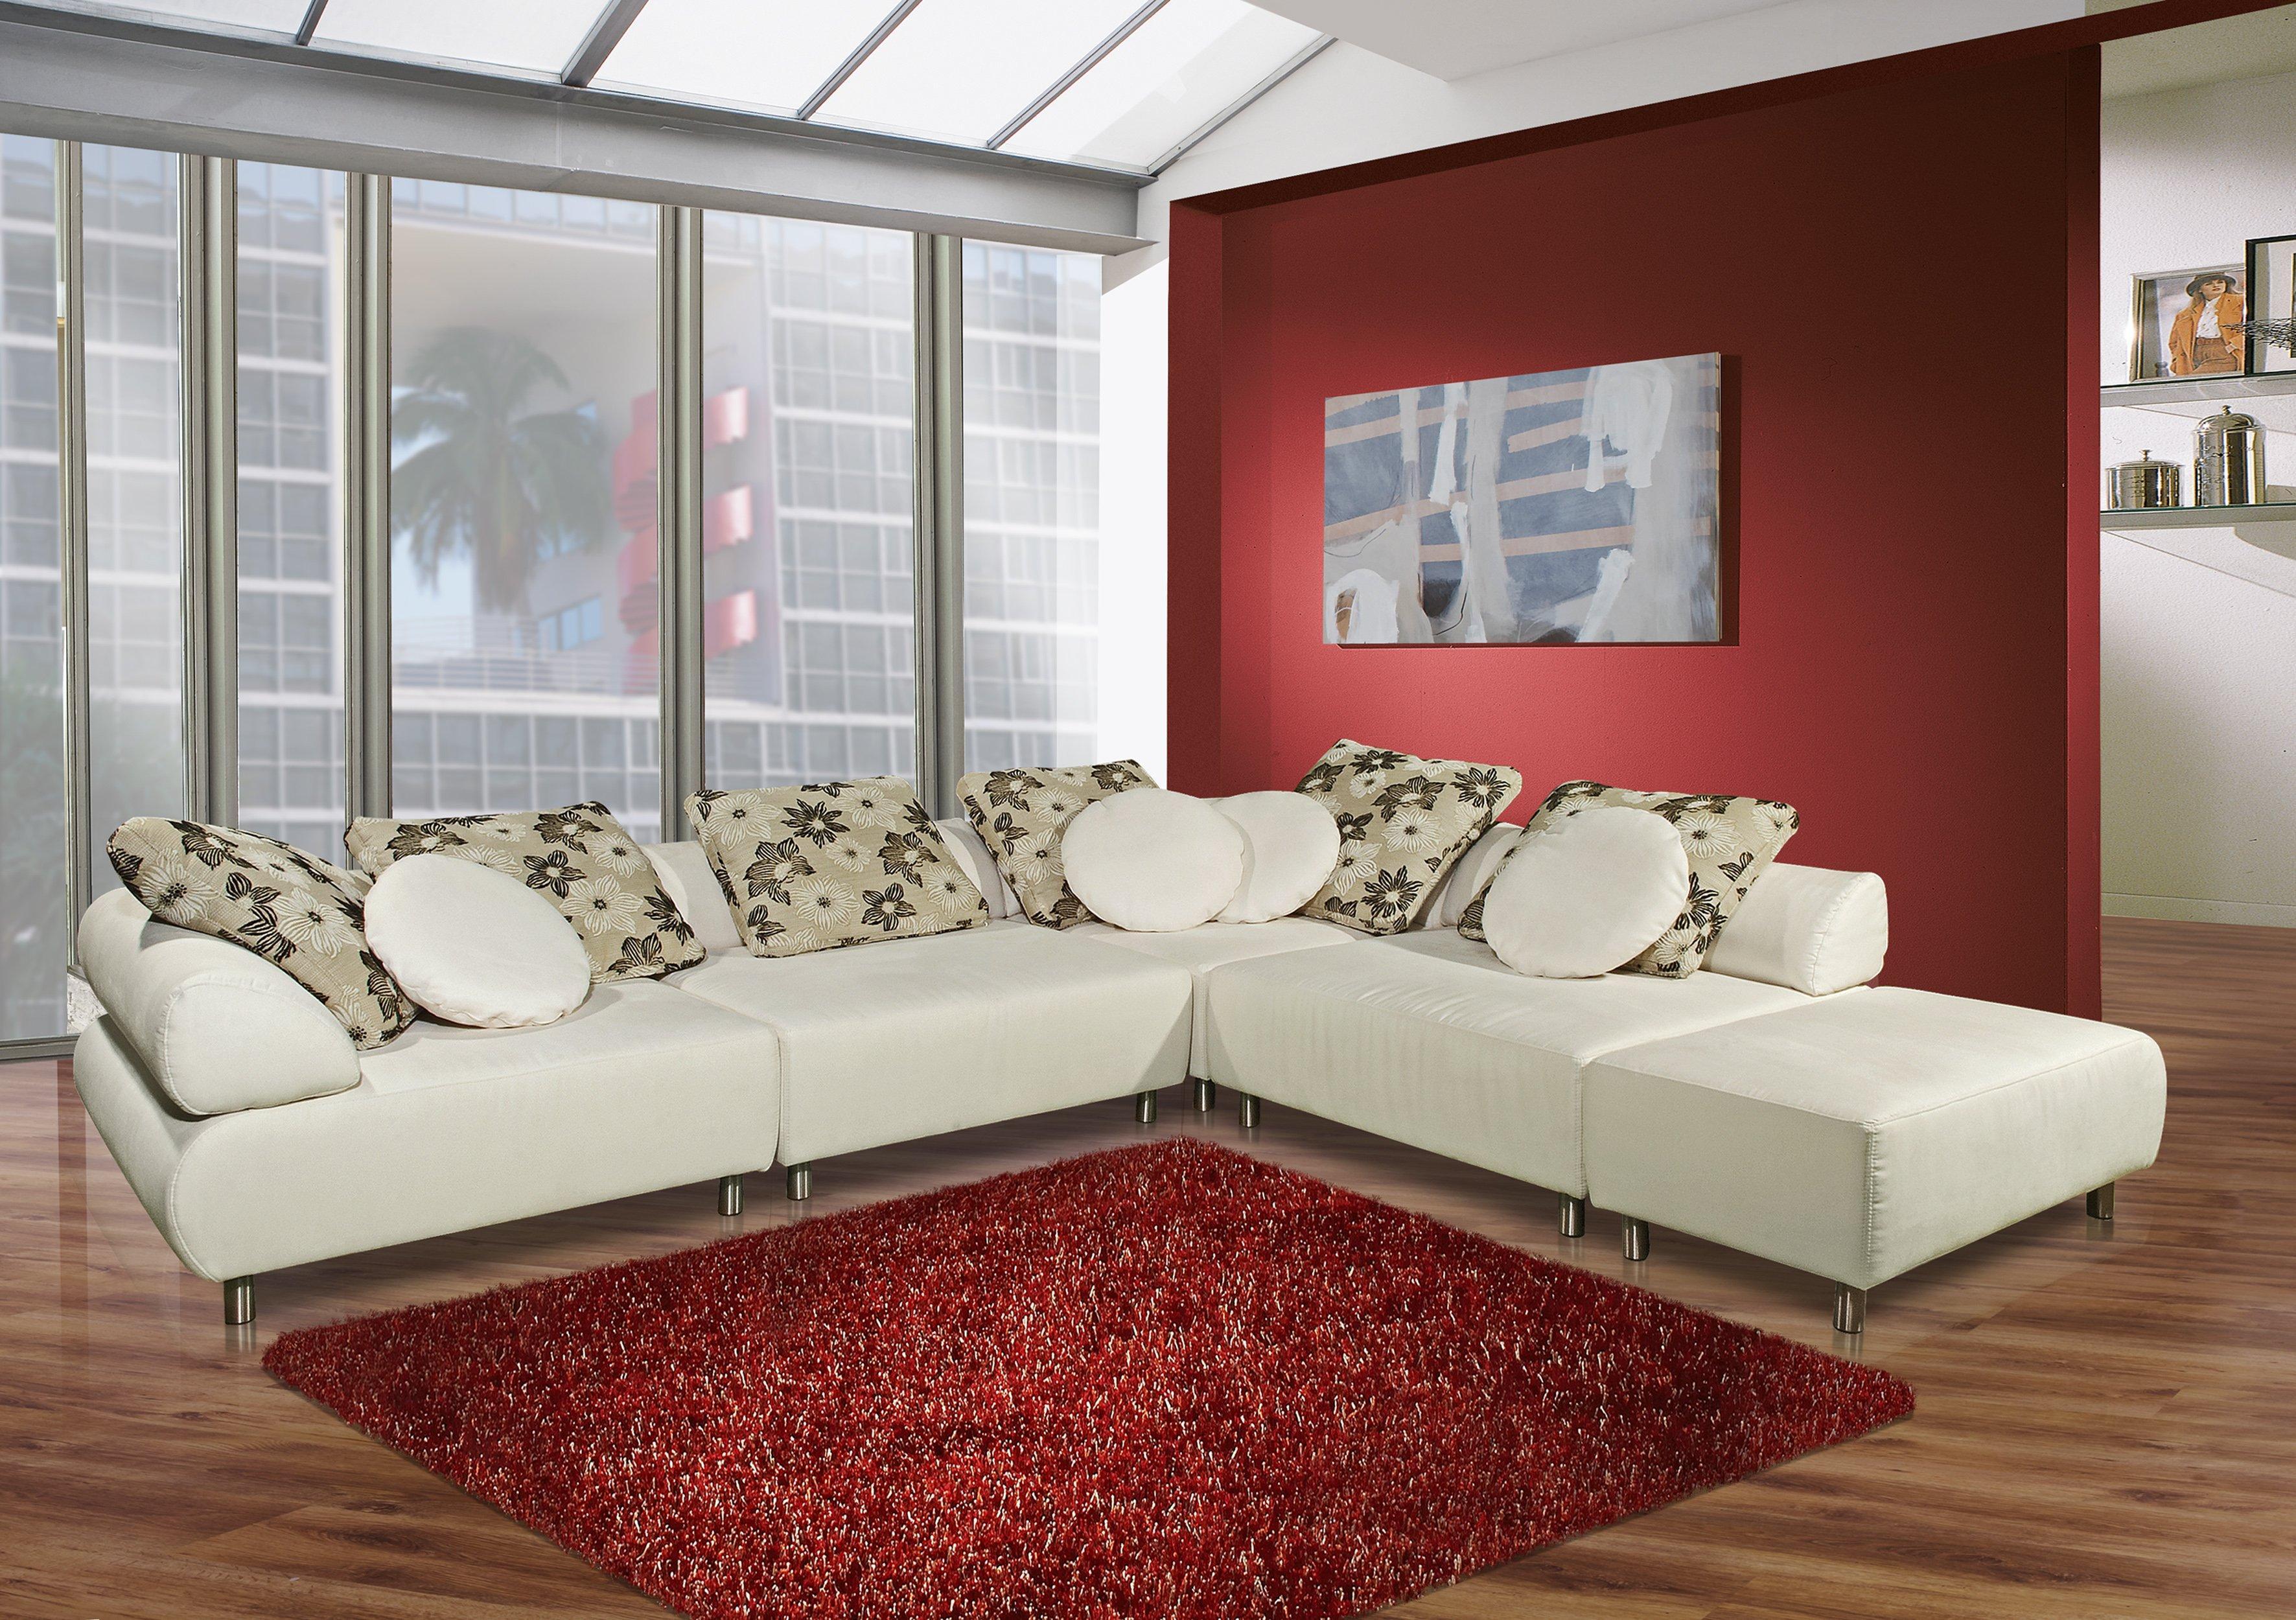 Divano bianco un concentrato di stile e raffinatezza for Cuscini divano